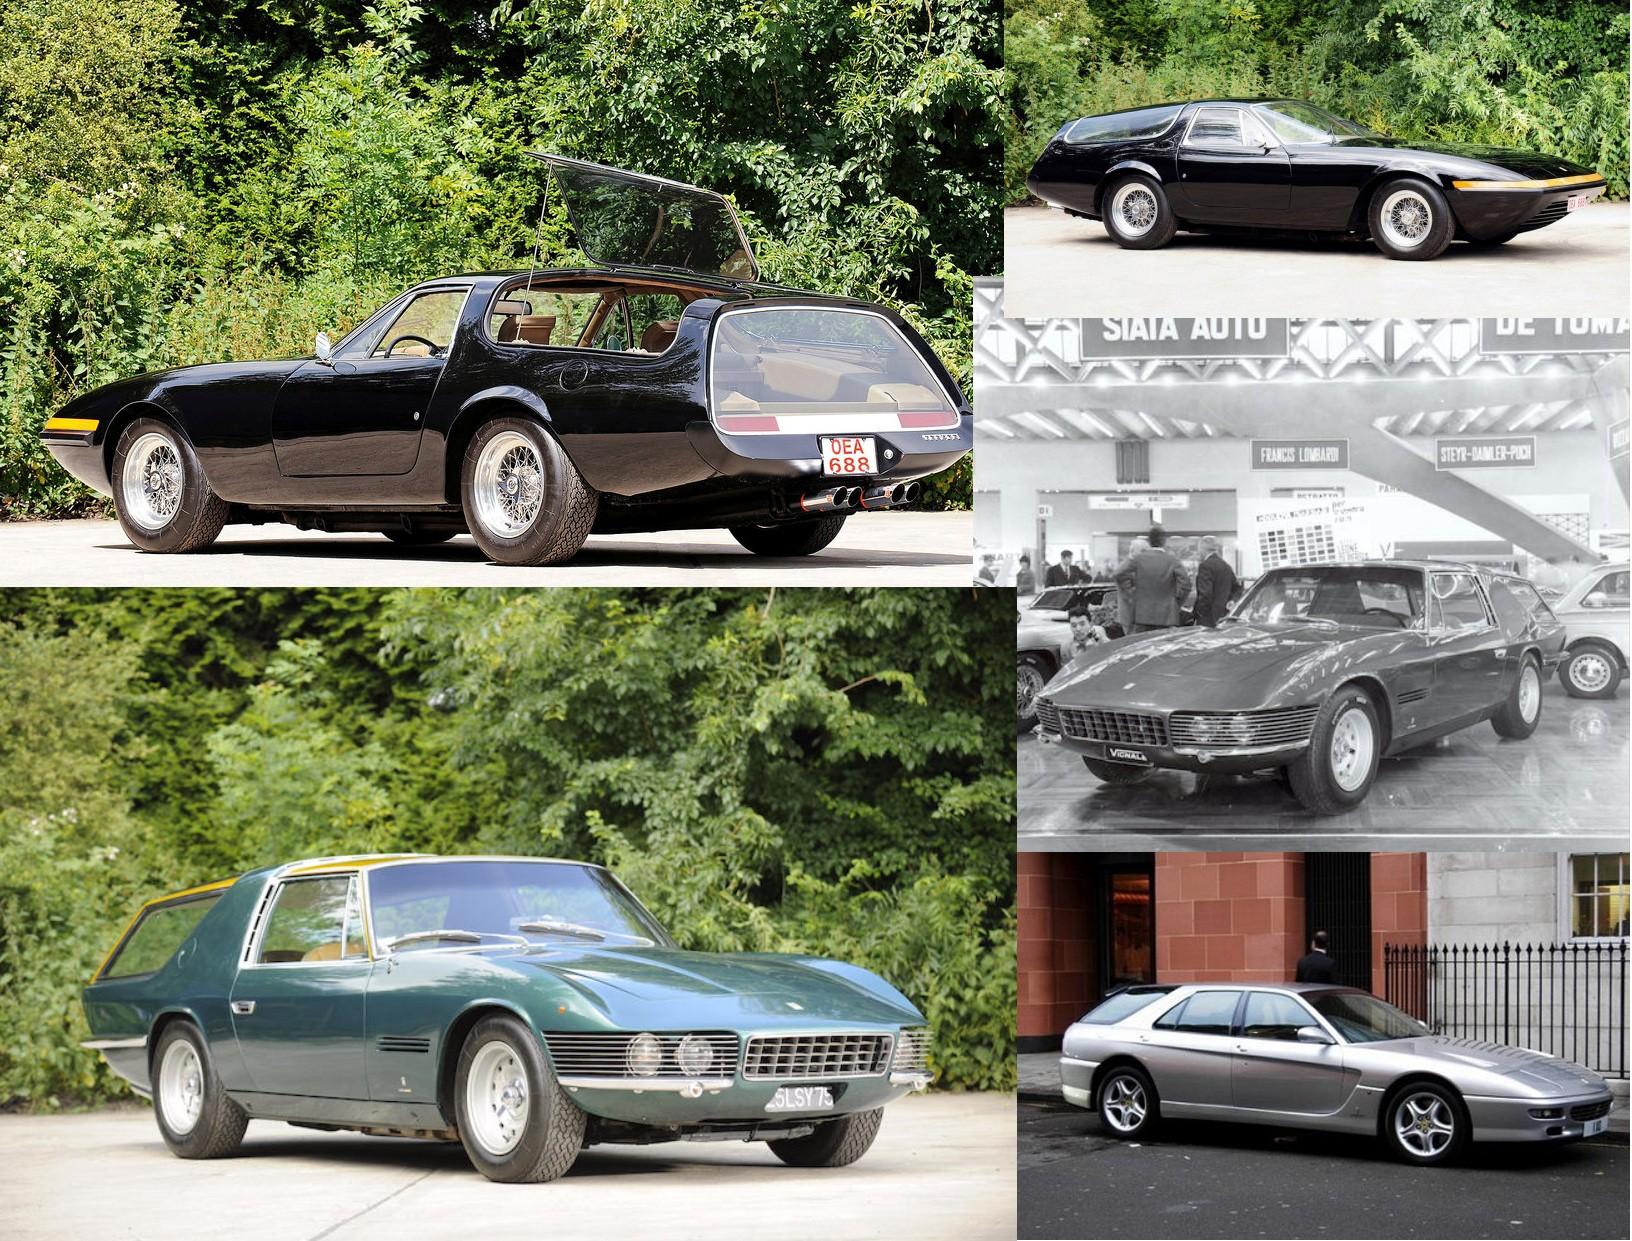 Shooting brakes constuídas sobre modelos Ferrari em diferentes épocas